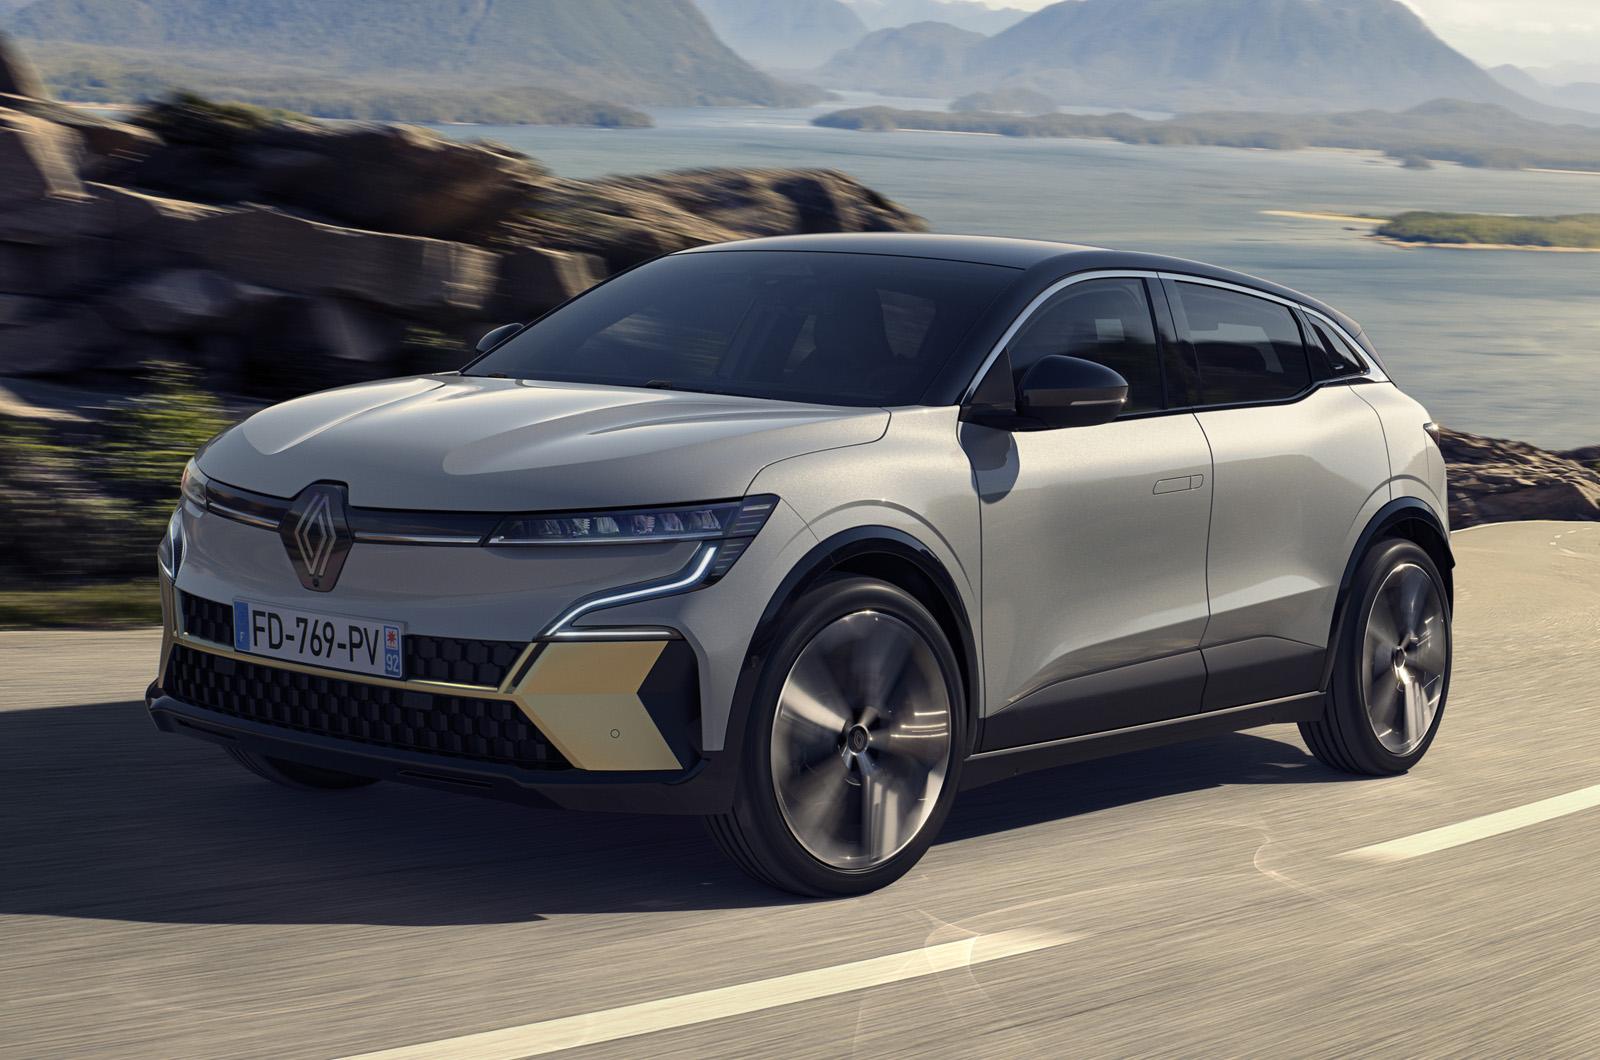 Renault Megane Electric Road